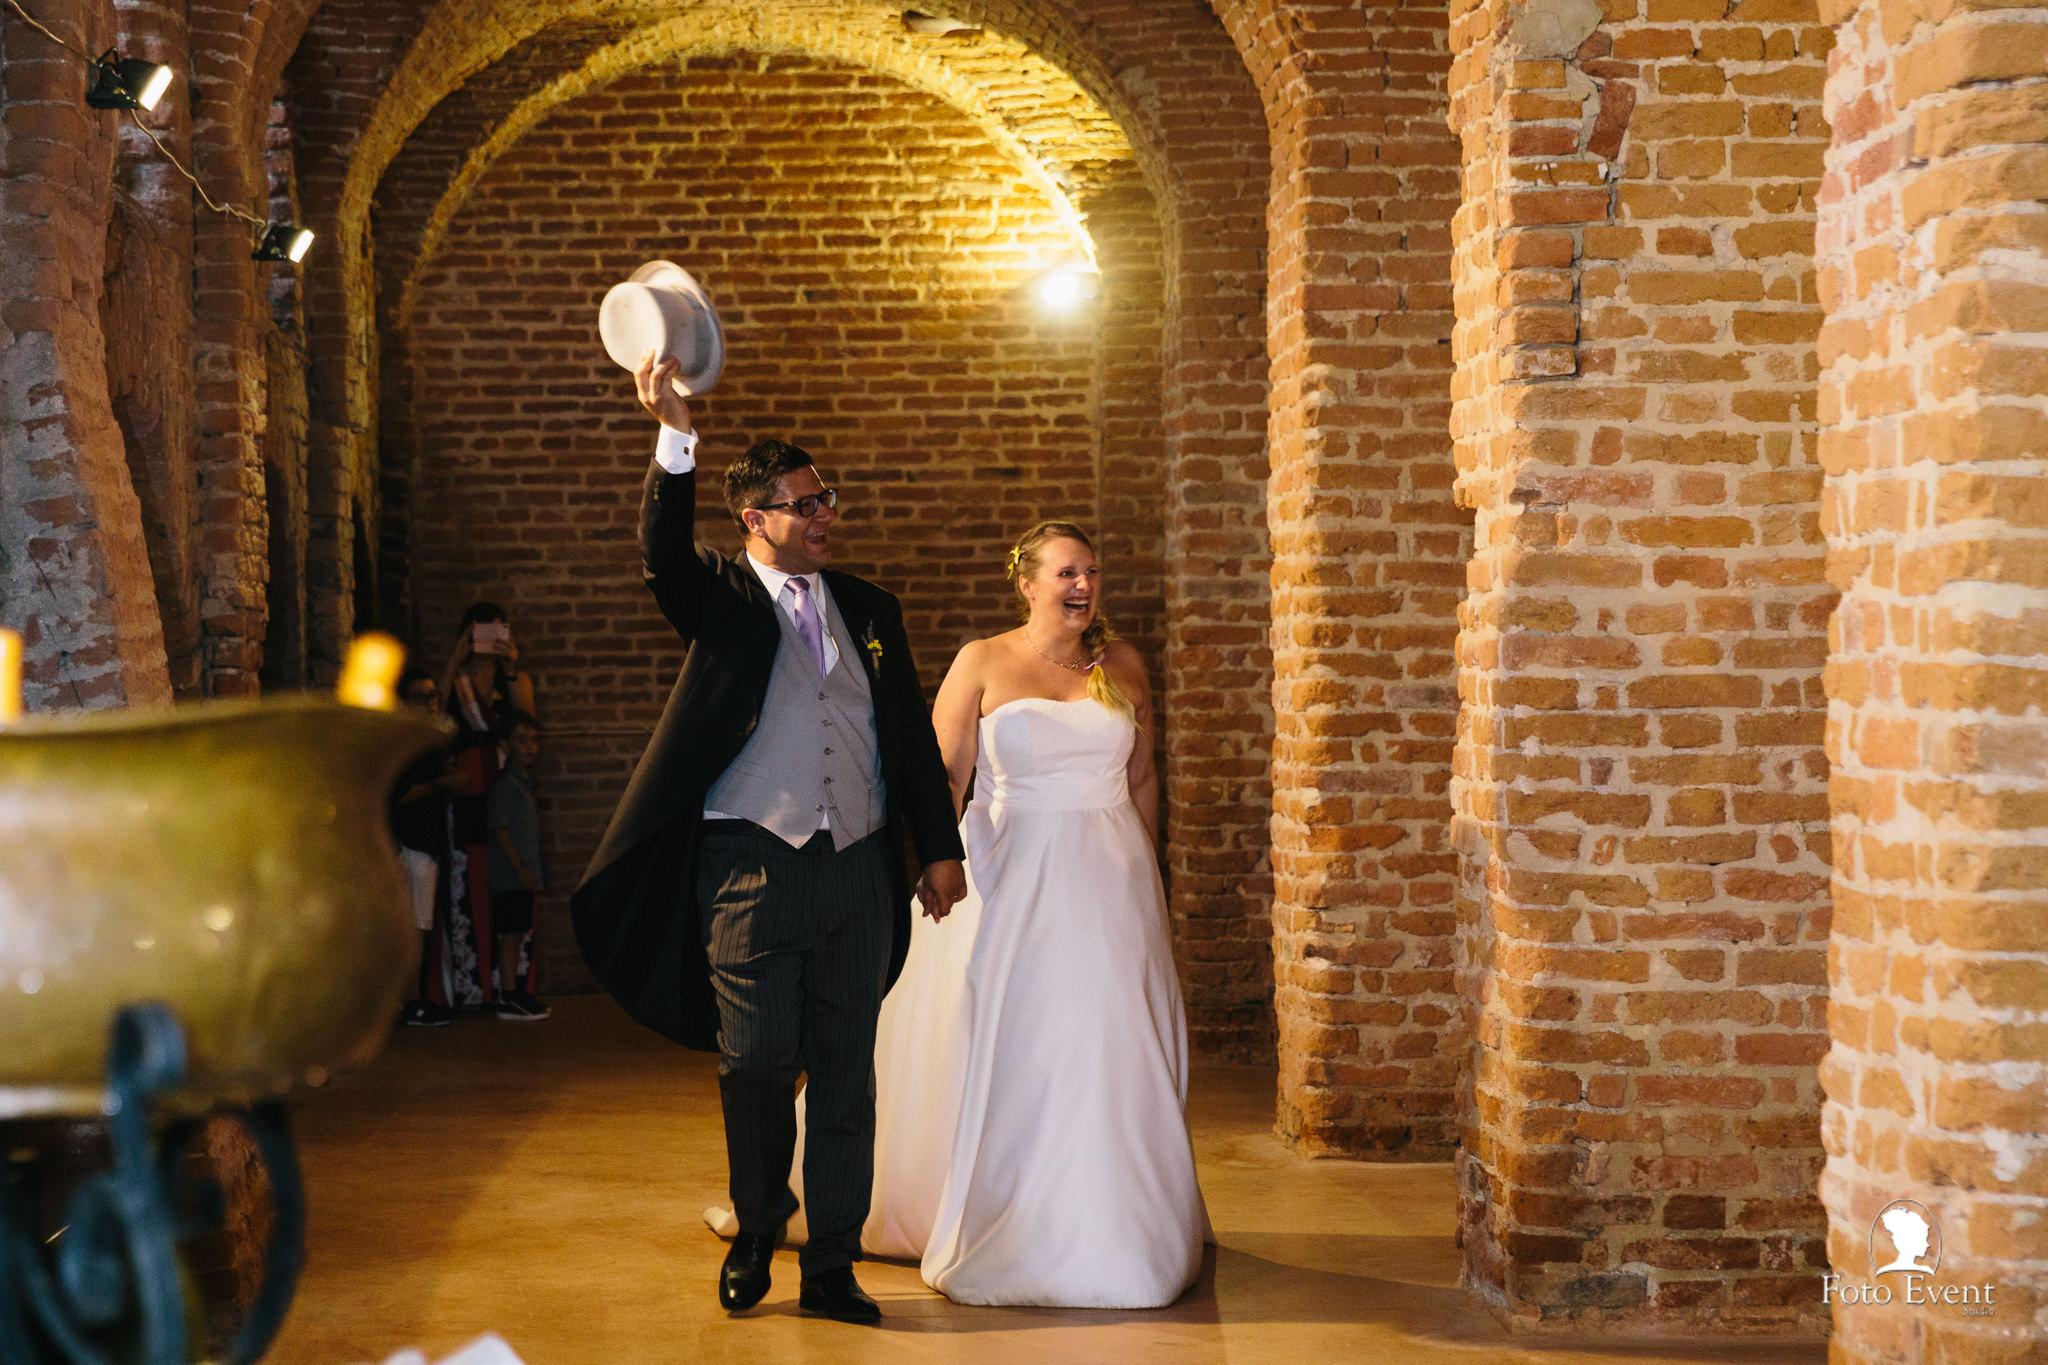 080-2019-07-27-Matrimonio-Valentina-e-Alessandro-Pettinari-5DE-1521